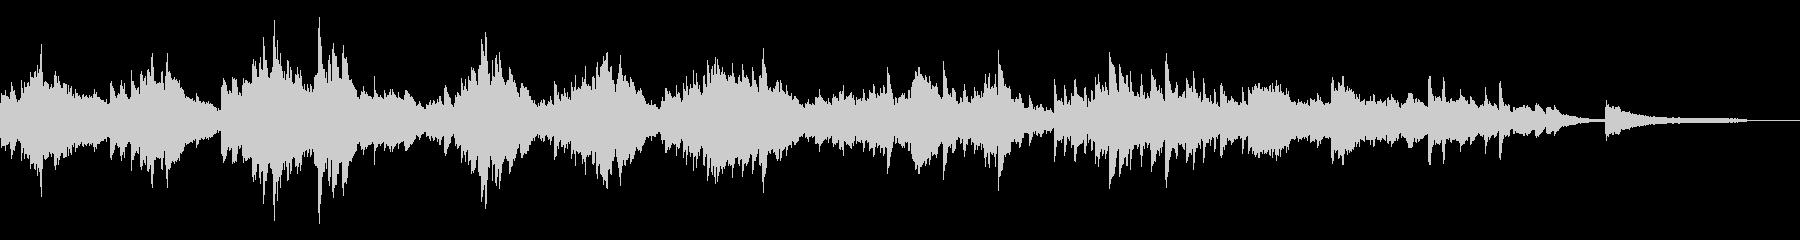 切ないアンビエントピアノ90秒CM広告の未再生の波形